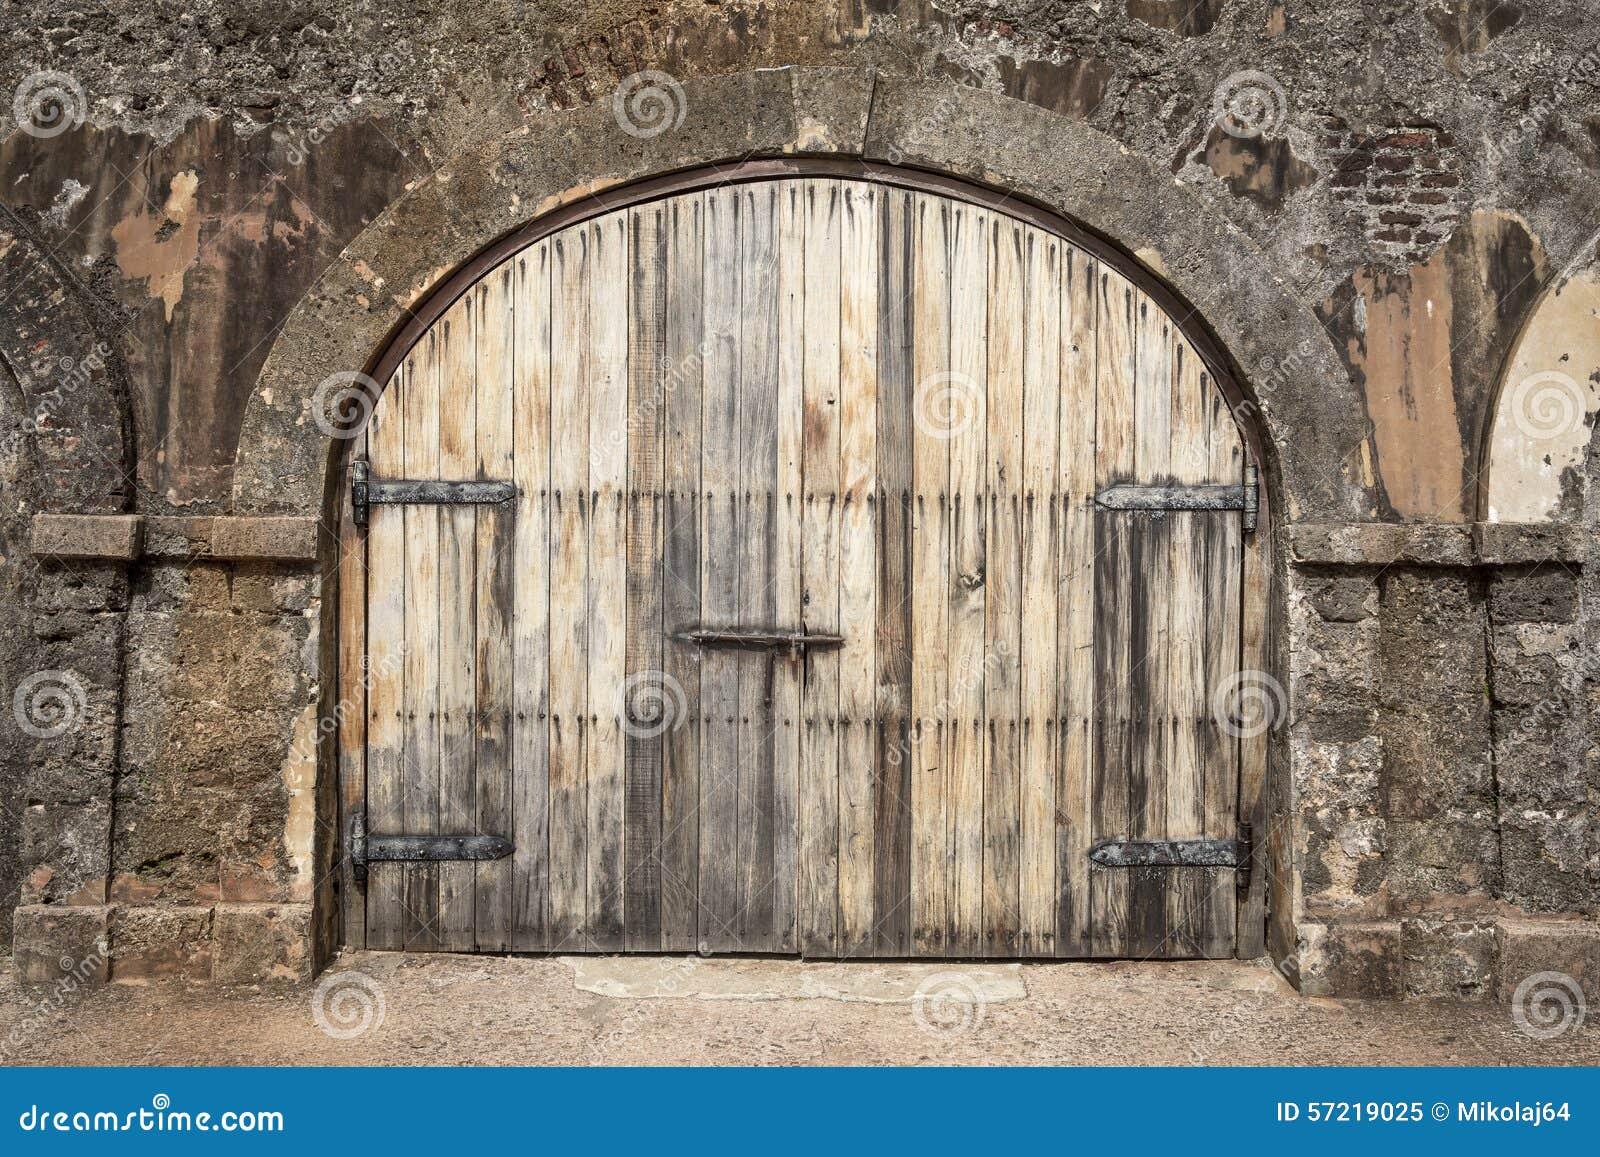 Grande porte en bois dans une ferme de goujon rustique for Porte de ferme ancienne